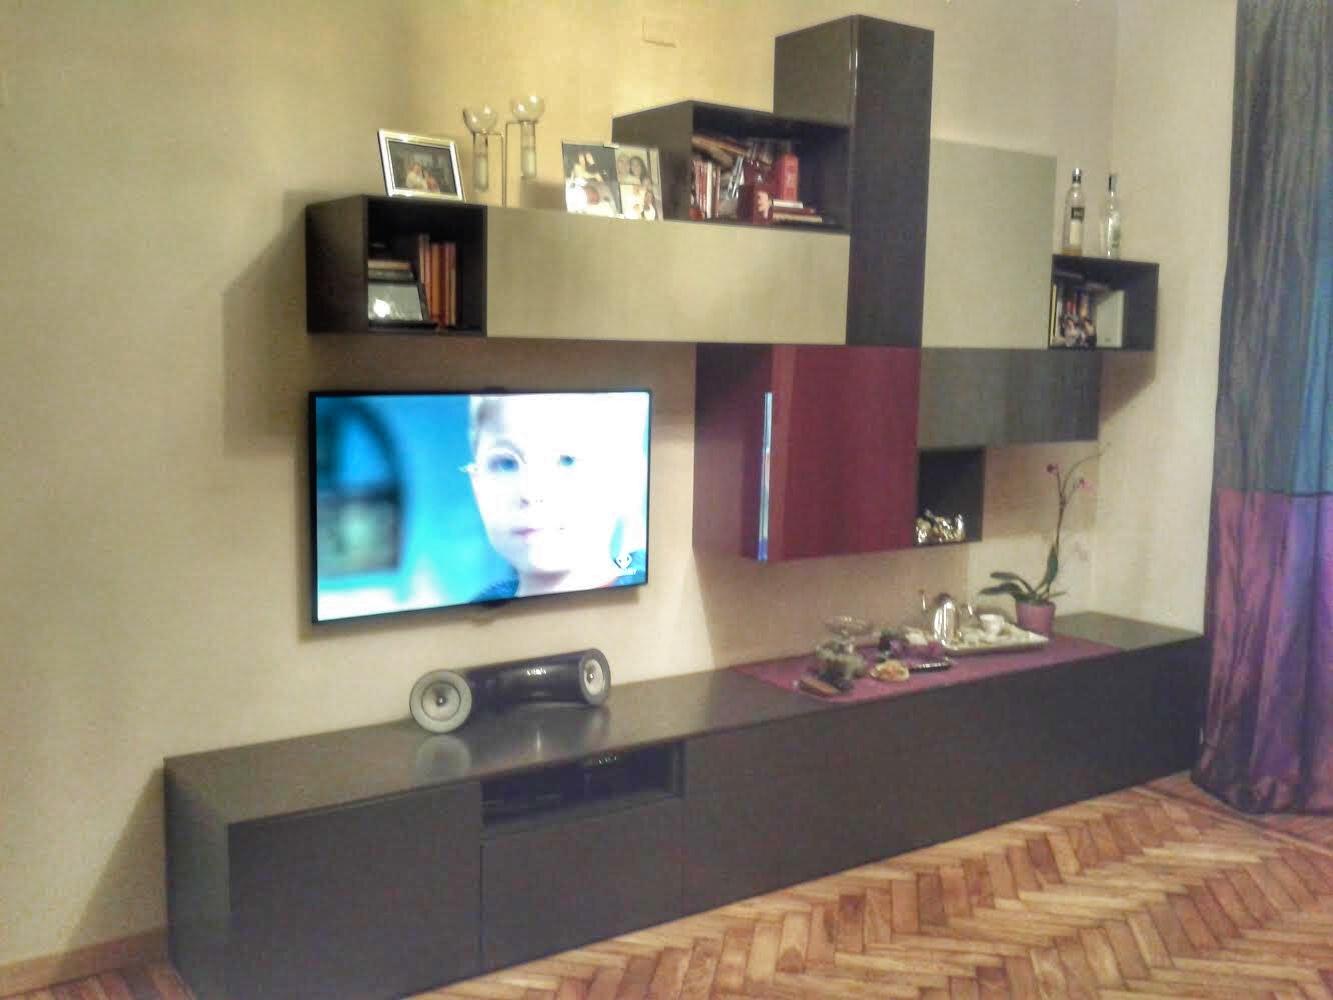 progettazione_zona_giorno_tendaggi_mobile_tv_sara_rombola_pink_house_torino_talenti_eventi_4